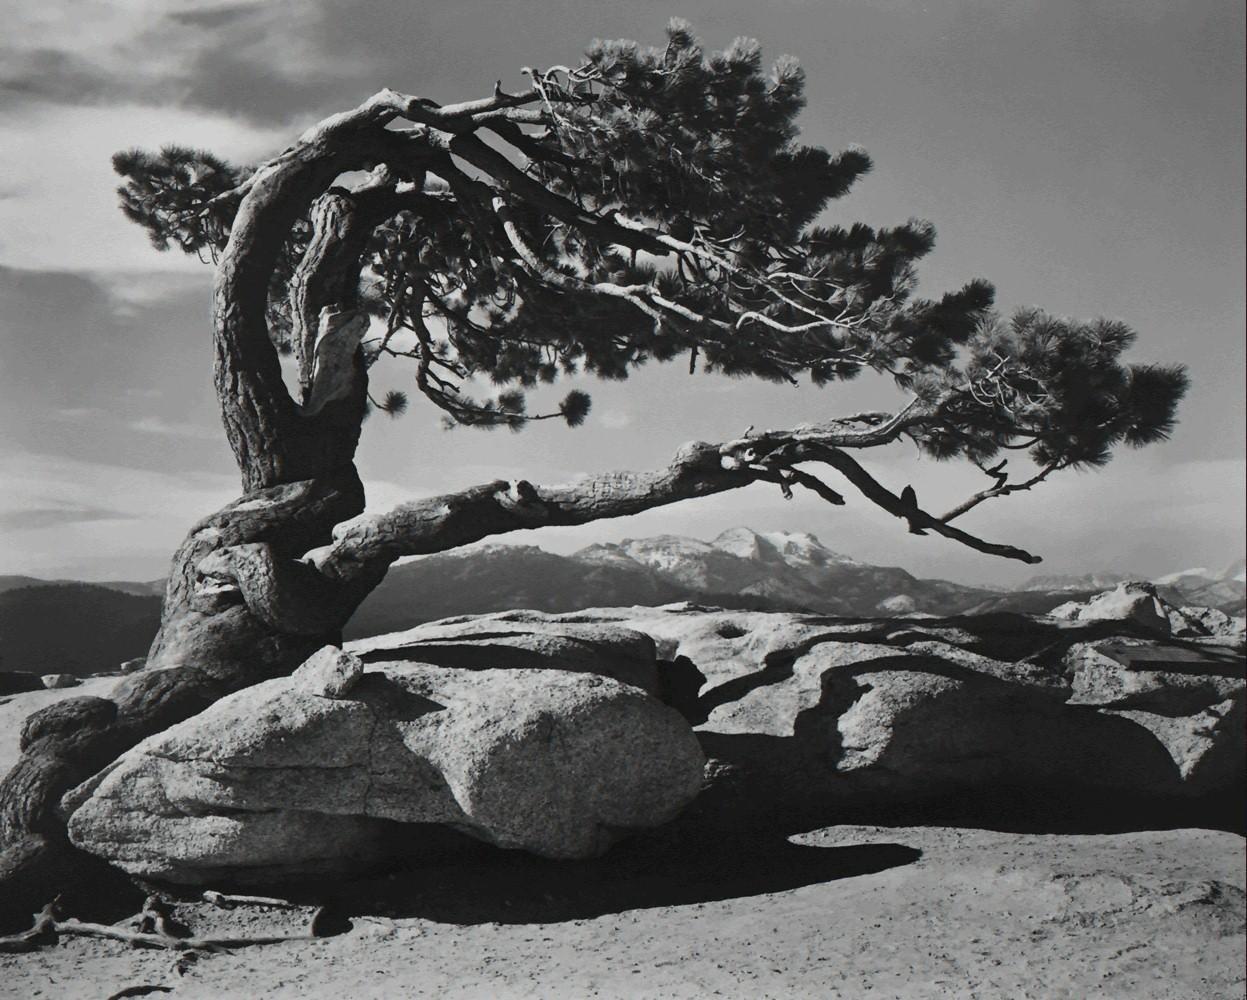 Джеффри Пайн, Дом Стража, Национальный парк Йосемити, 1940. Фотограф Энсел Адамс